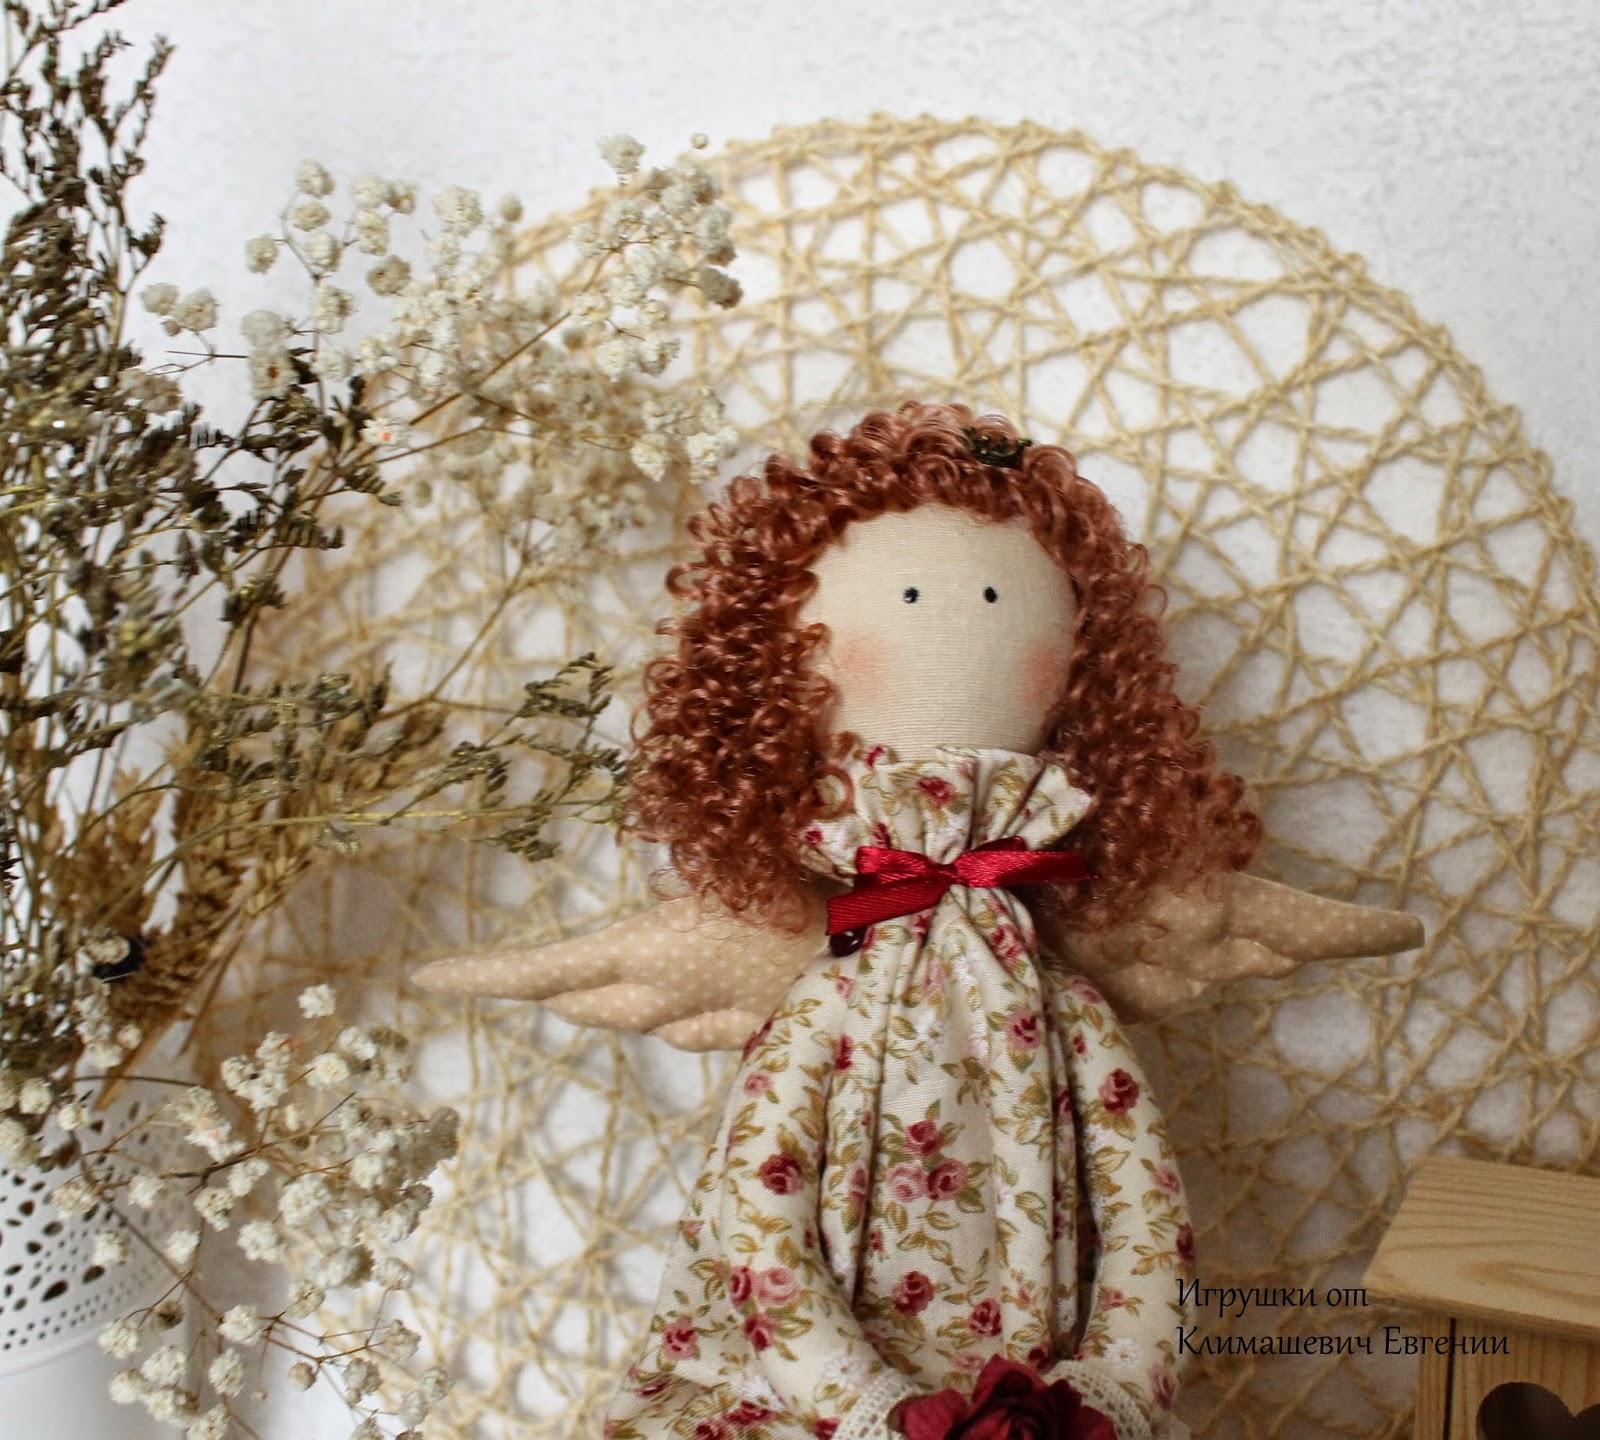 Принцесса, принцесса на горошине, принцесса тильда, тильда, кукла тильда, кукла, текстильная кукла, интерьерная кукла